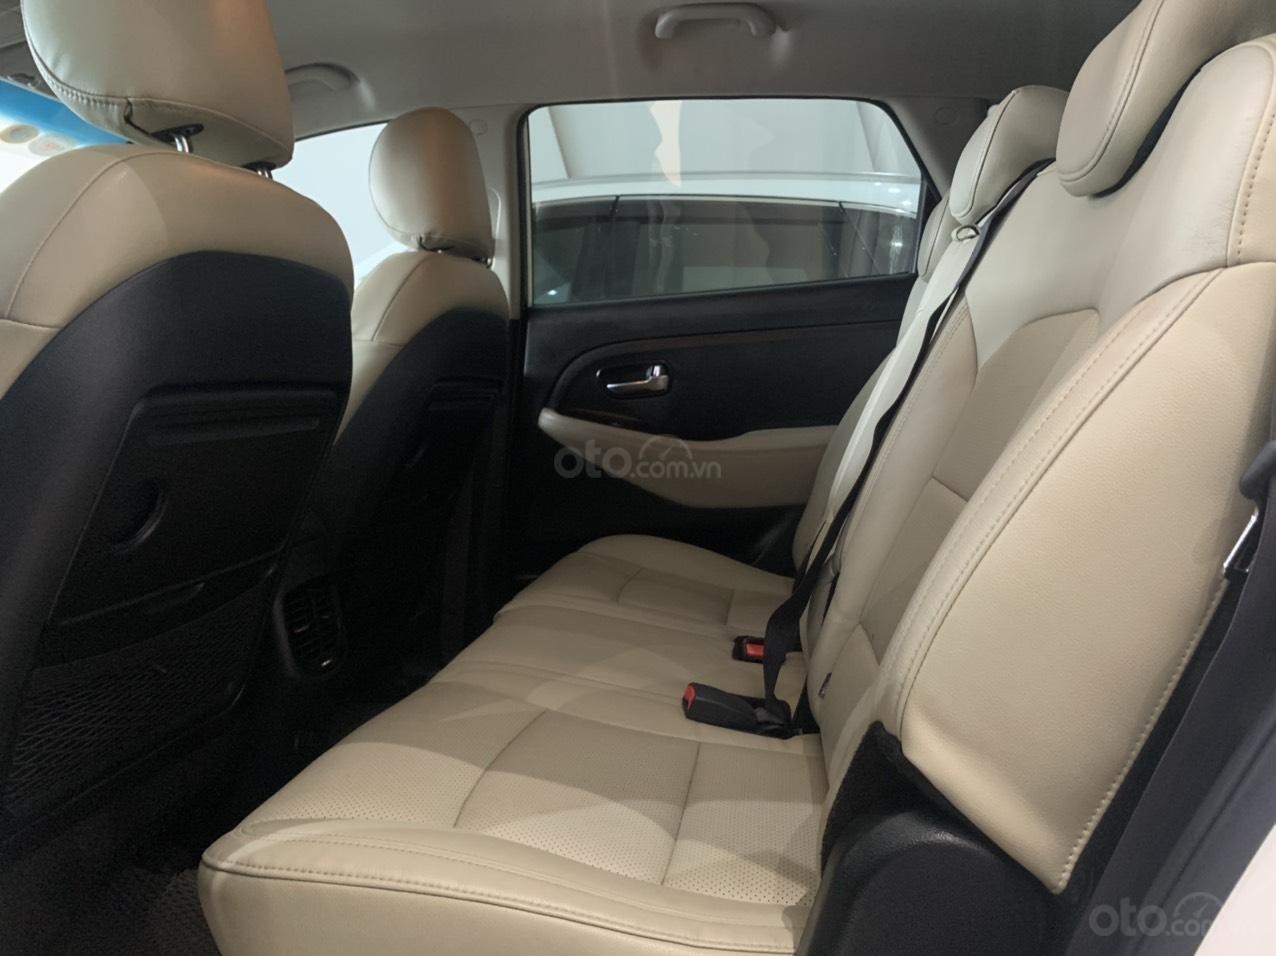 Bán xe Kia Rondo màu trắng xe đẹp, giá cả hợp lý (11)